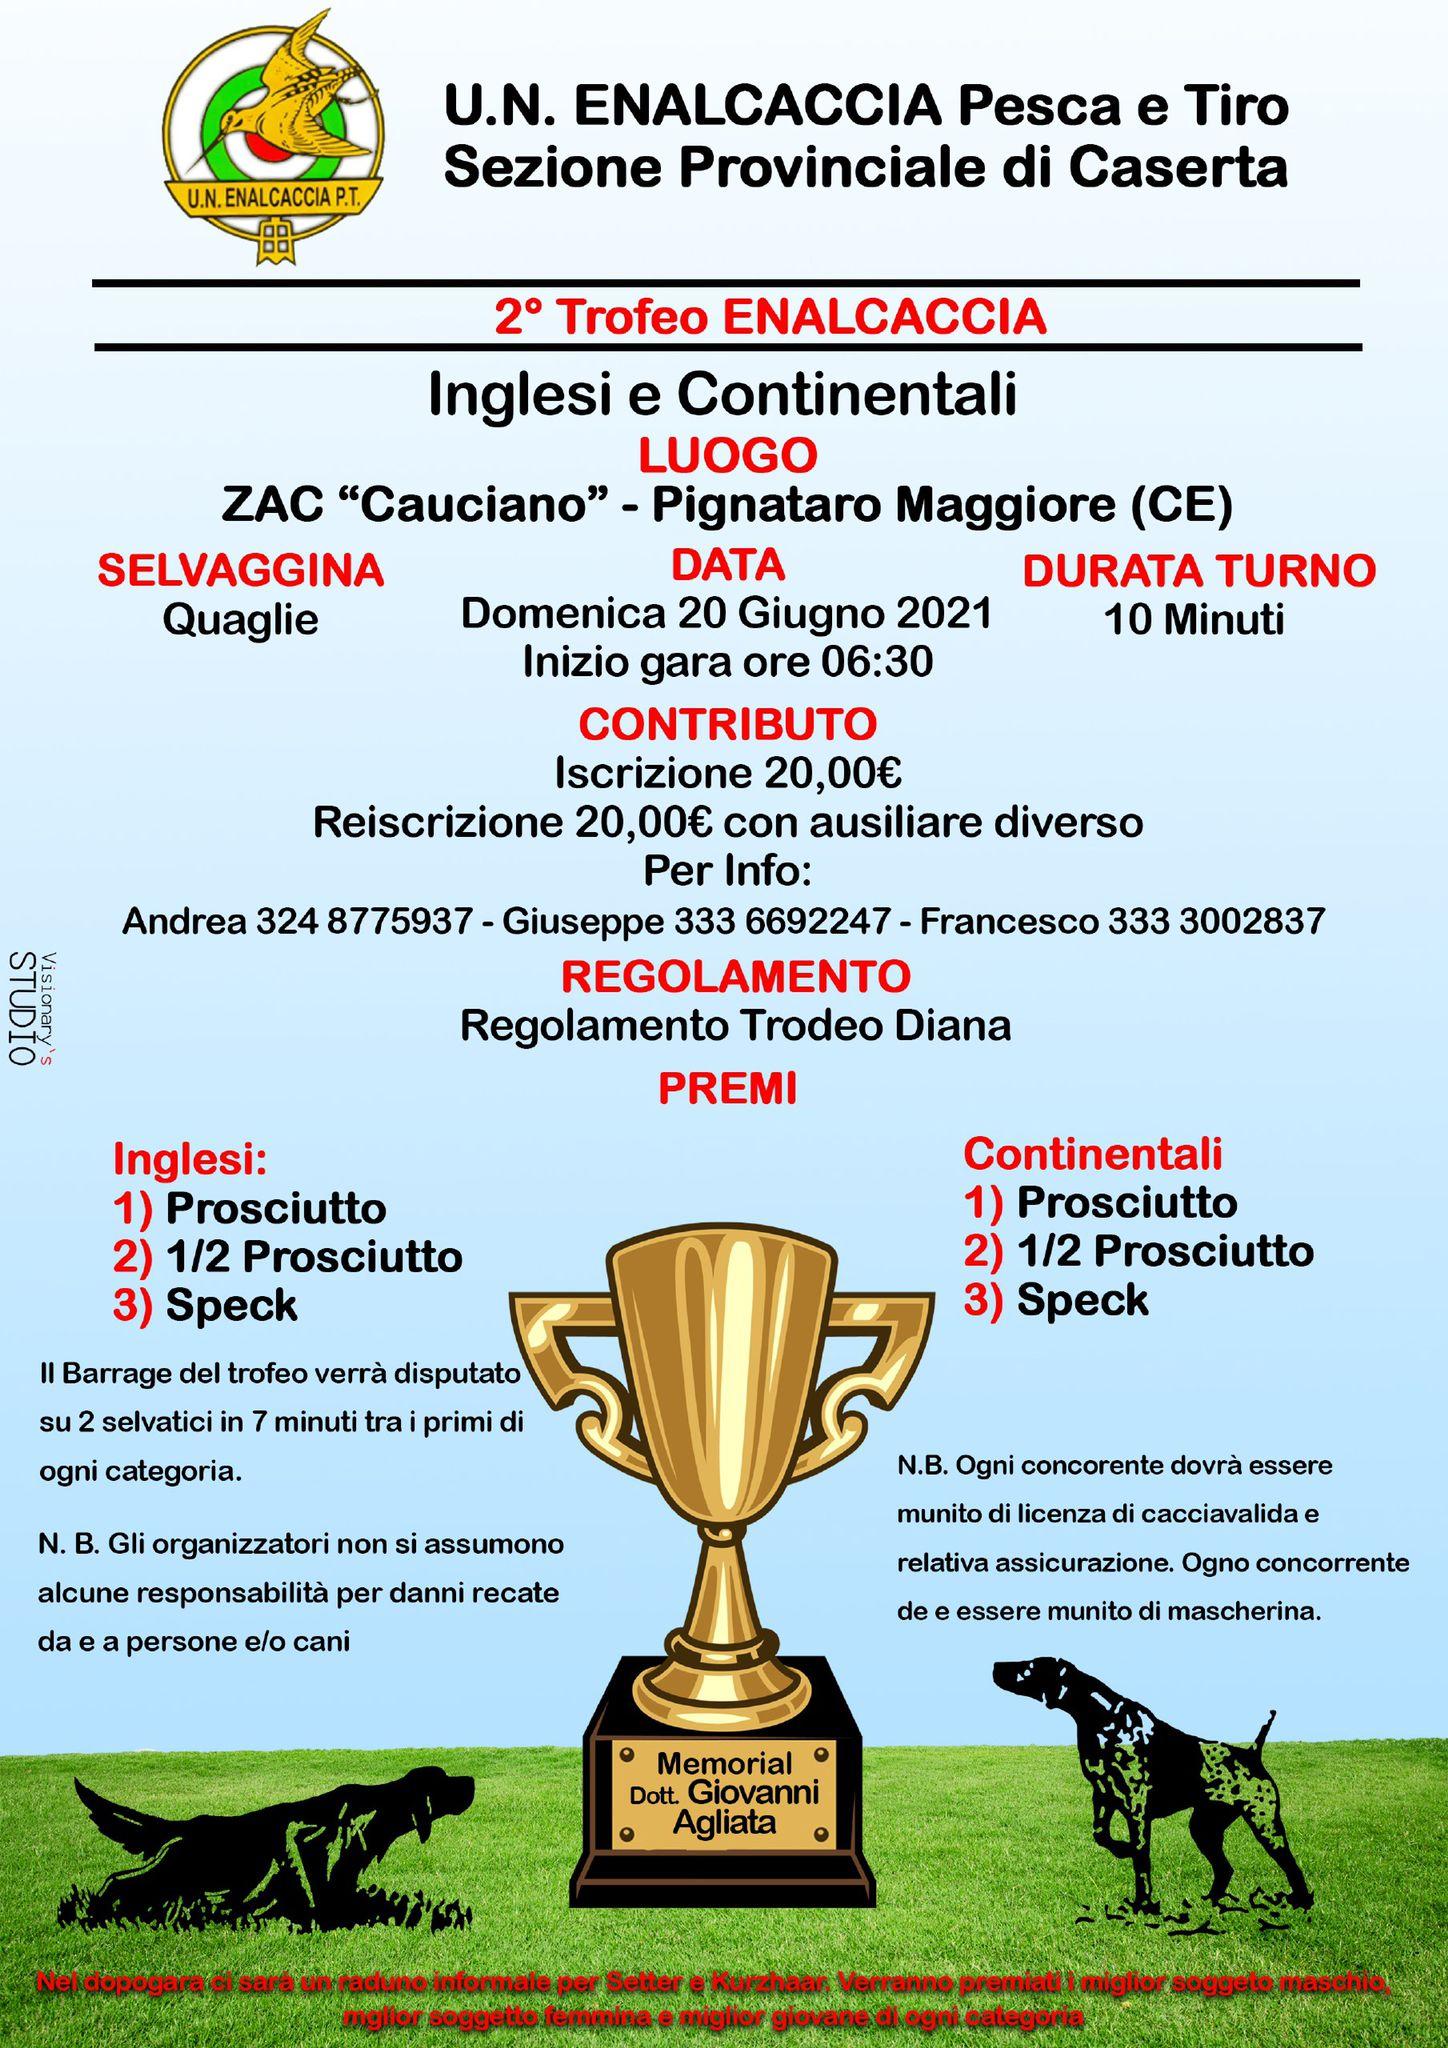 2021_06_20_inglesi_vs_continentali_memorial_agliata